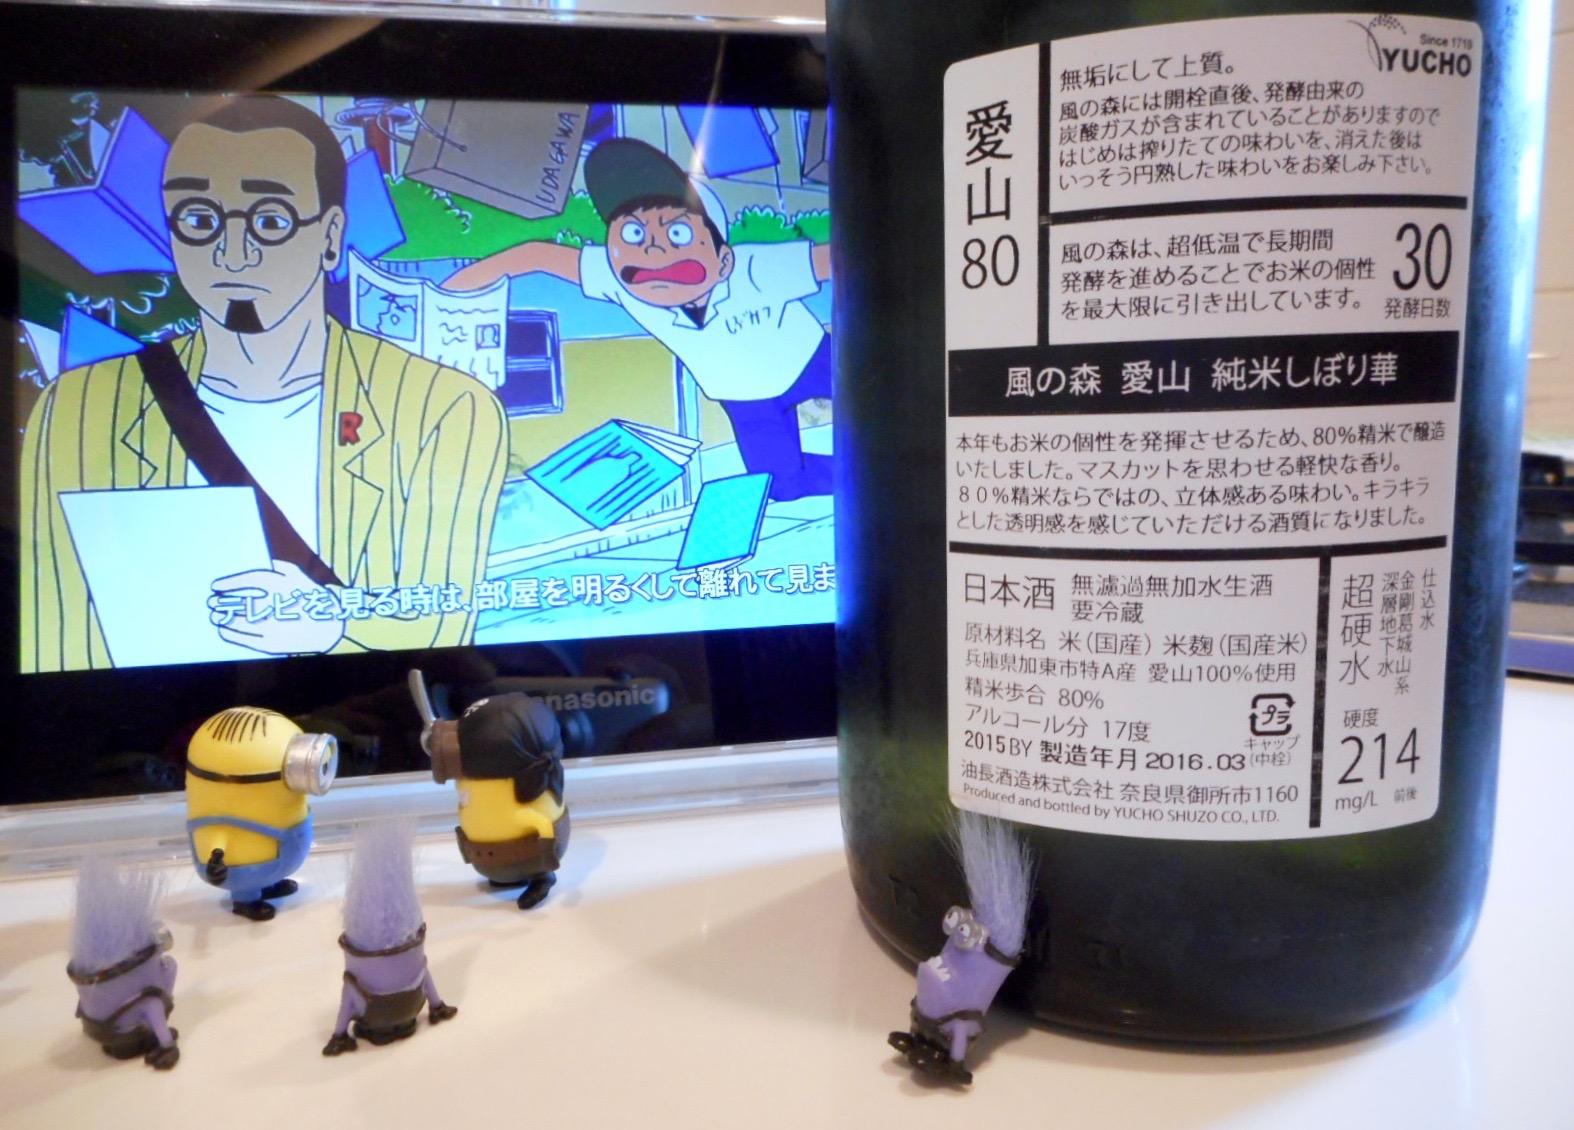 kazenomori_aiyama80_2.jpg